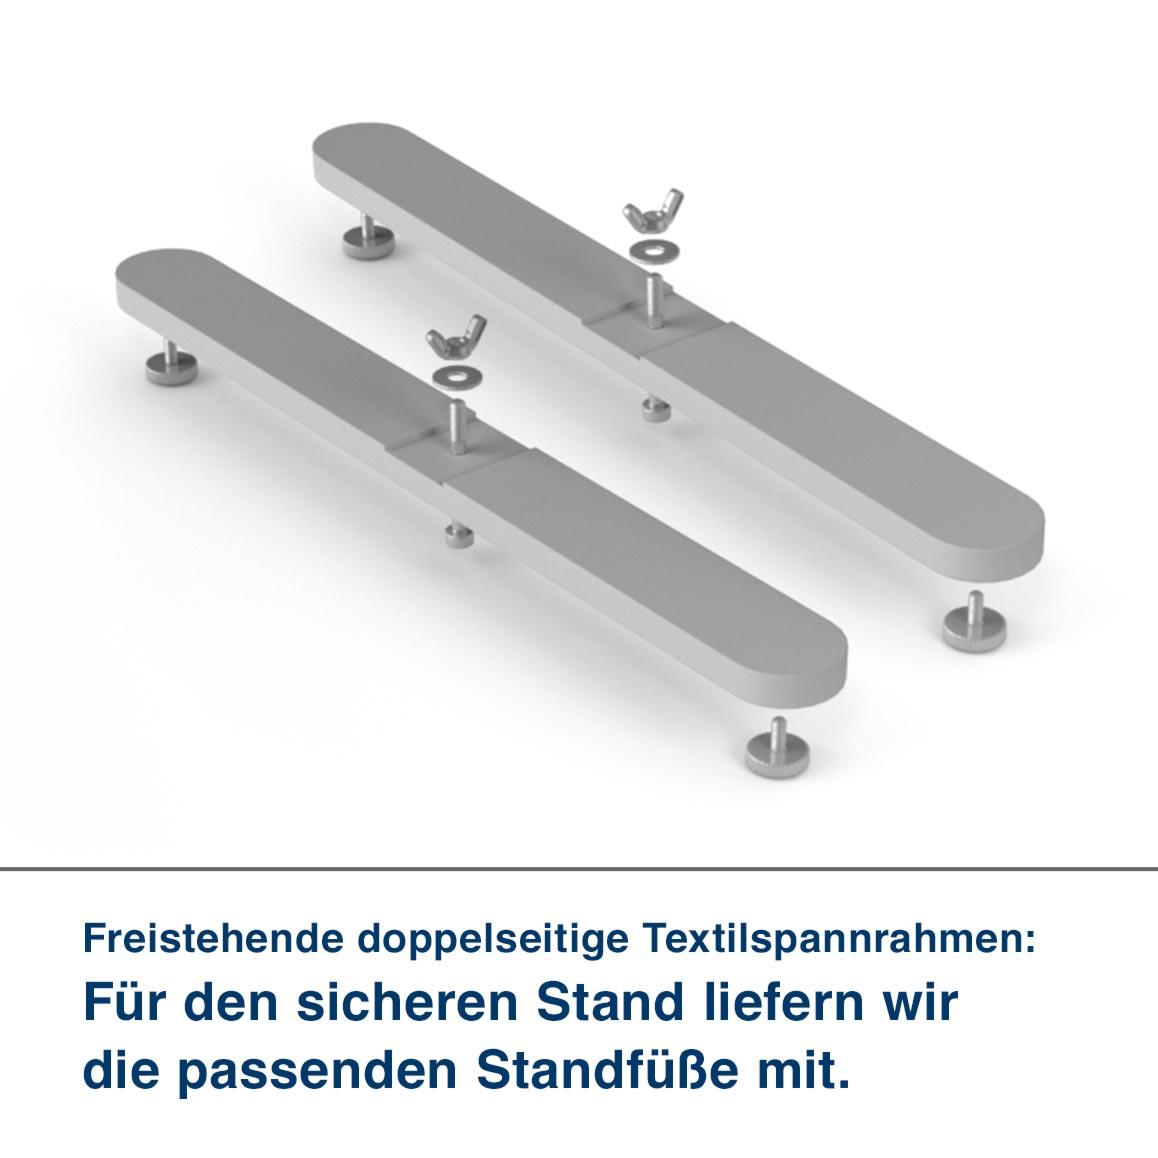 Freistehende doppelseitige Textilspannrahmen:  Für den sicheren Stand liefern wir die passenden Standfüße mit.